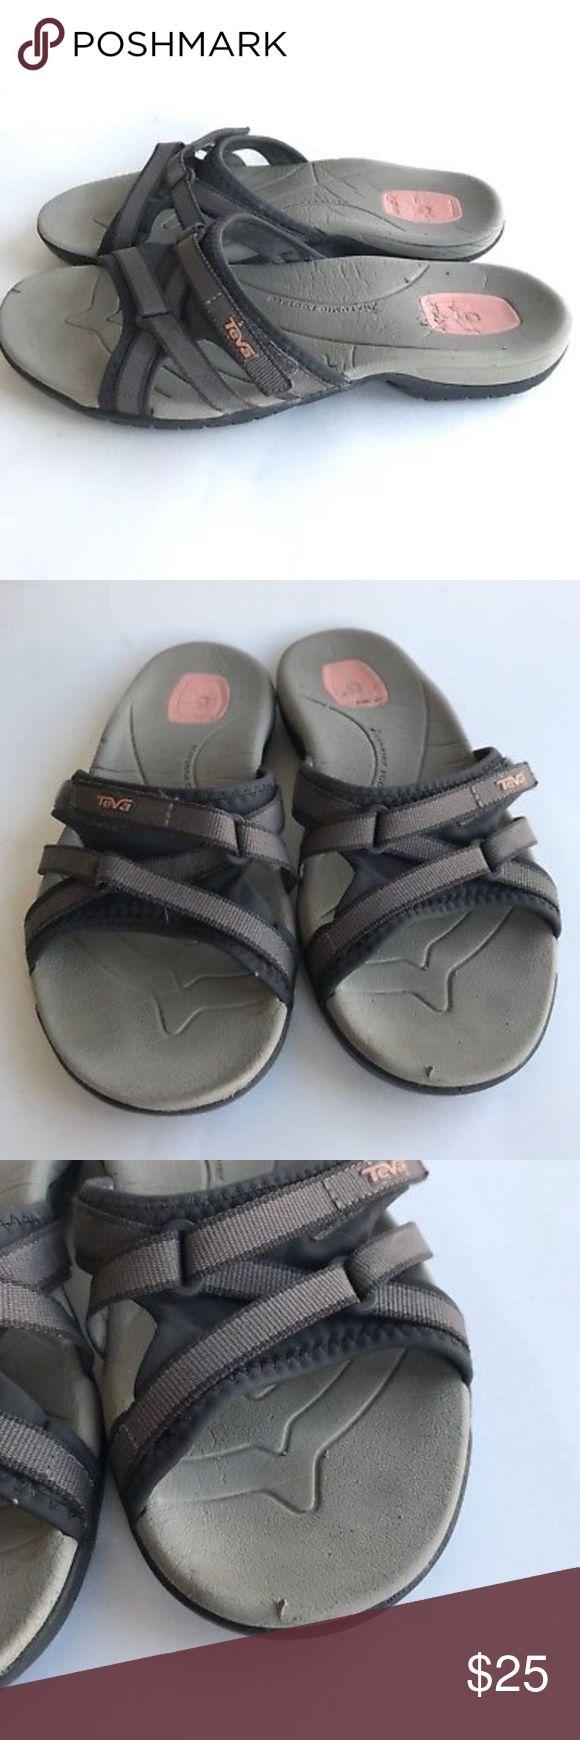 Teva Flip Flop 7.5 Sandal Leather River Rubber Teva Flip Flop 7.5 Sandal Leather River Rubber Women's Slides Water Beach Shoes Teva Shoes Sandals